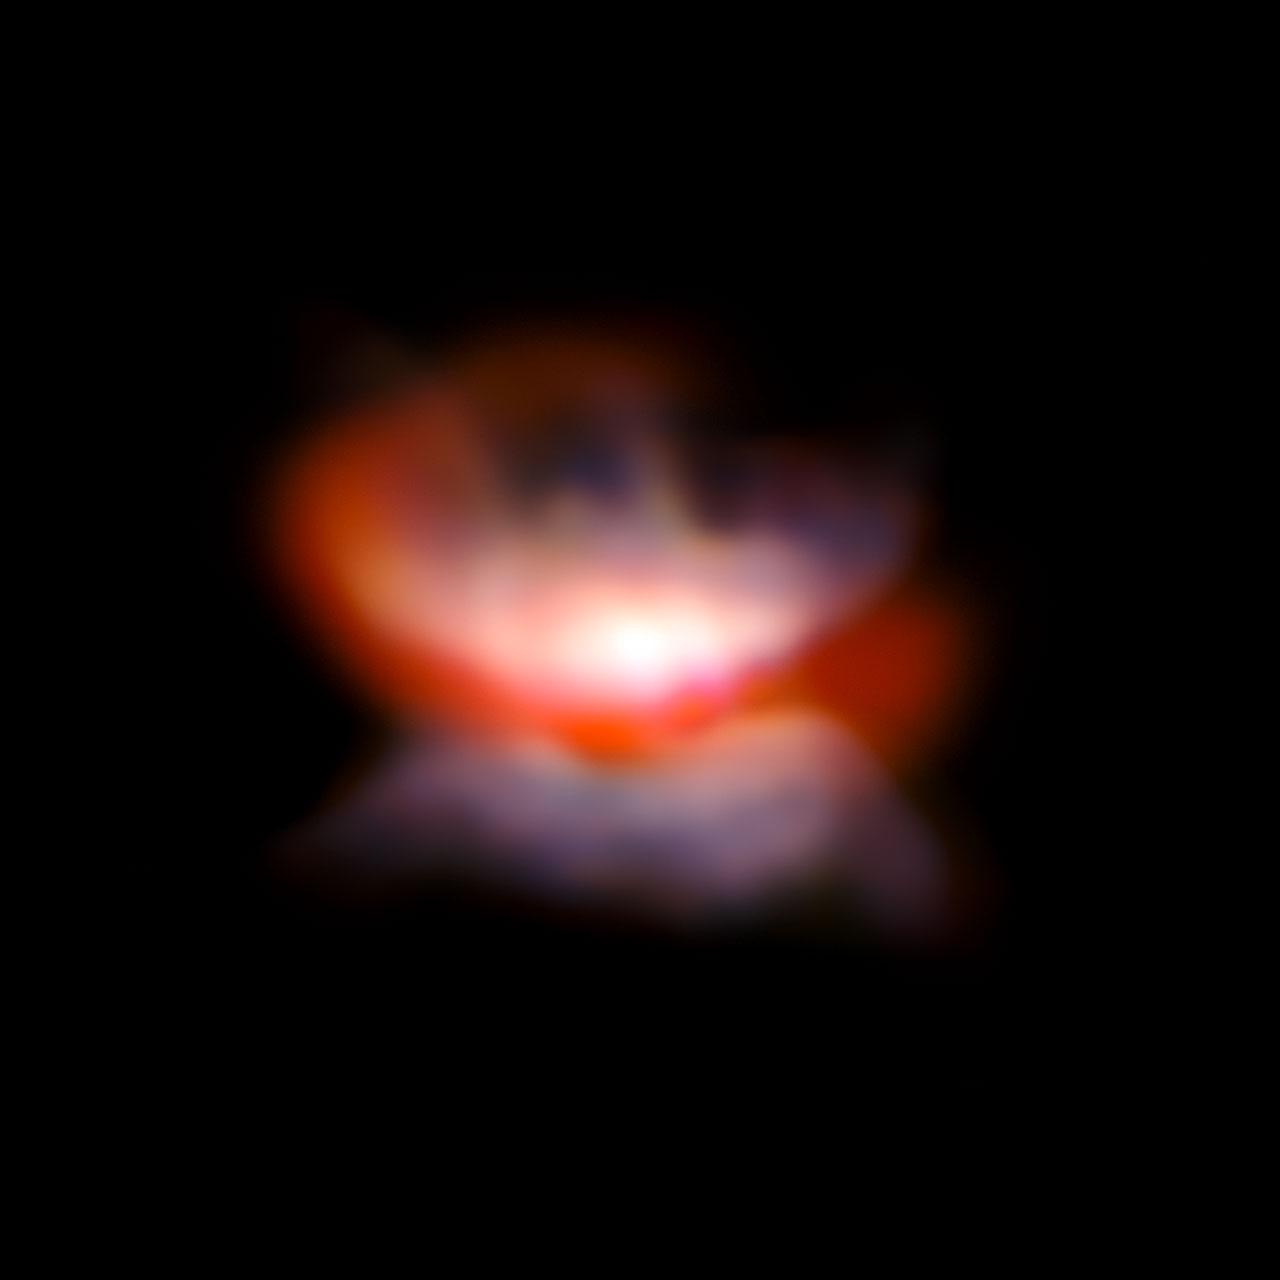 Una stella gigante rossa sta formando la sua nebulosa planetaria. La presenza di una compagna l'aiuta nella nascita di una bellissima farfalla che tra non molto spiegherà le sue ali. Fonte: ESO/P. Kervella